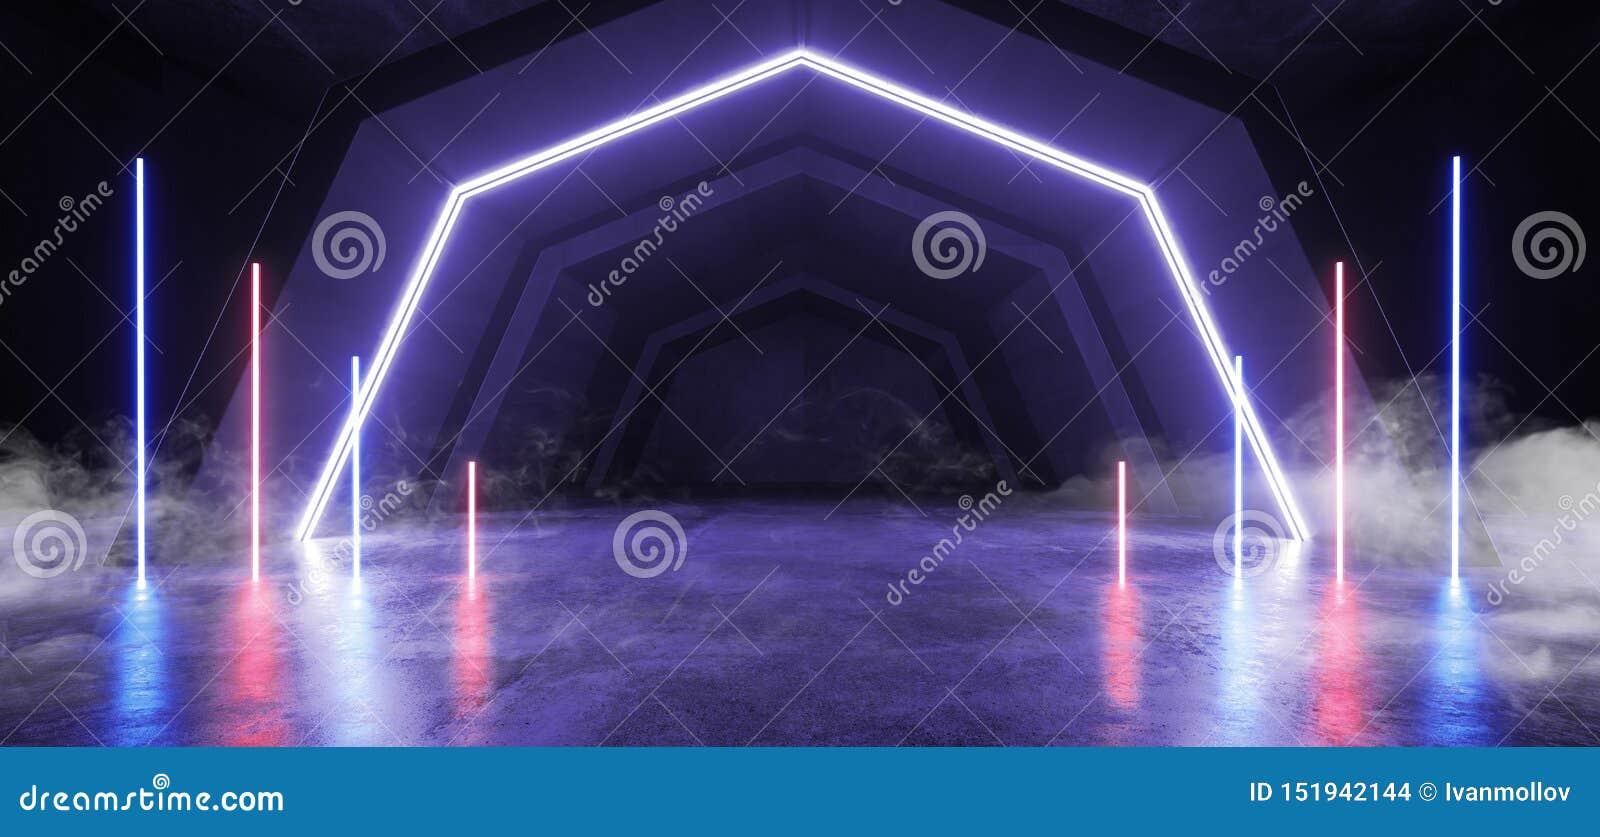 烟未来派科学幻想小说曲拱紫色蓝色激光霓虹灯发光的黑暗的难看的东西反射性具体隧道走廊走廊外籍人